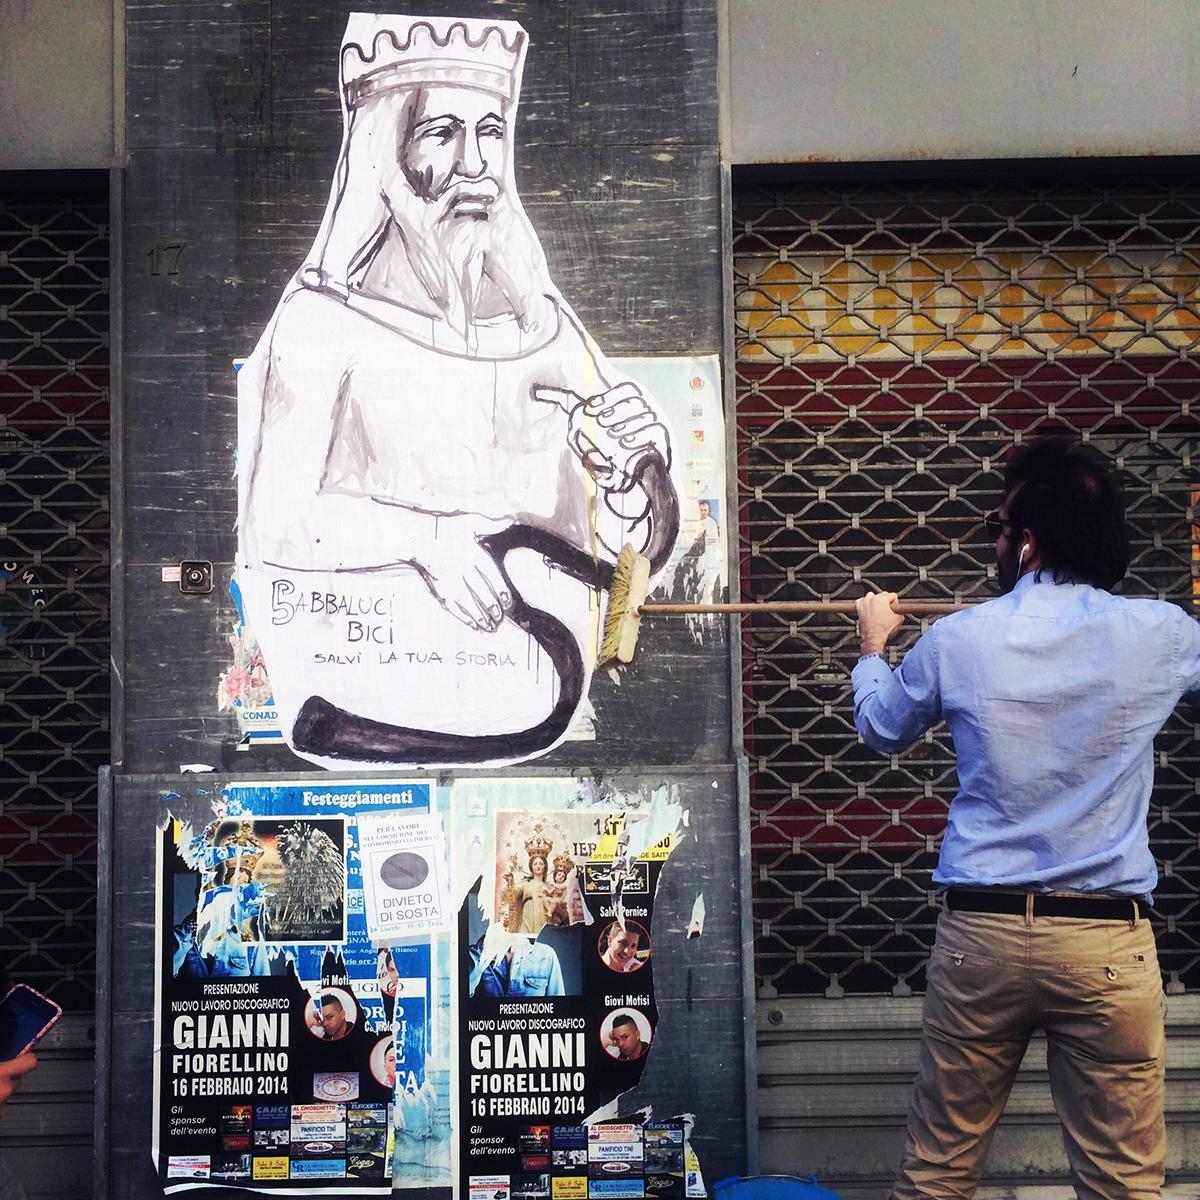 collettivo-fx-new-mural-in-palermo-12